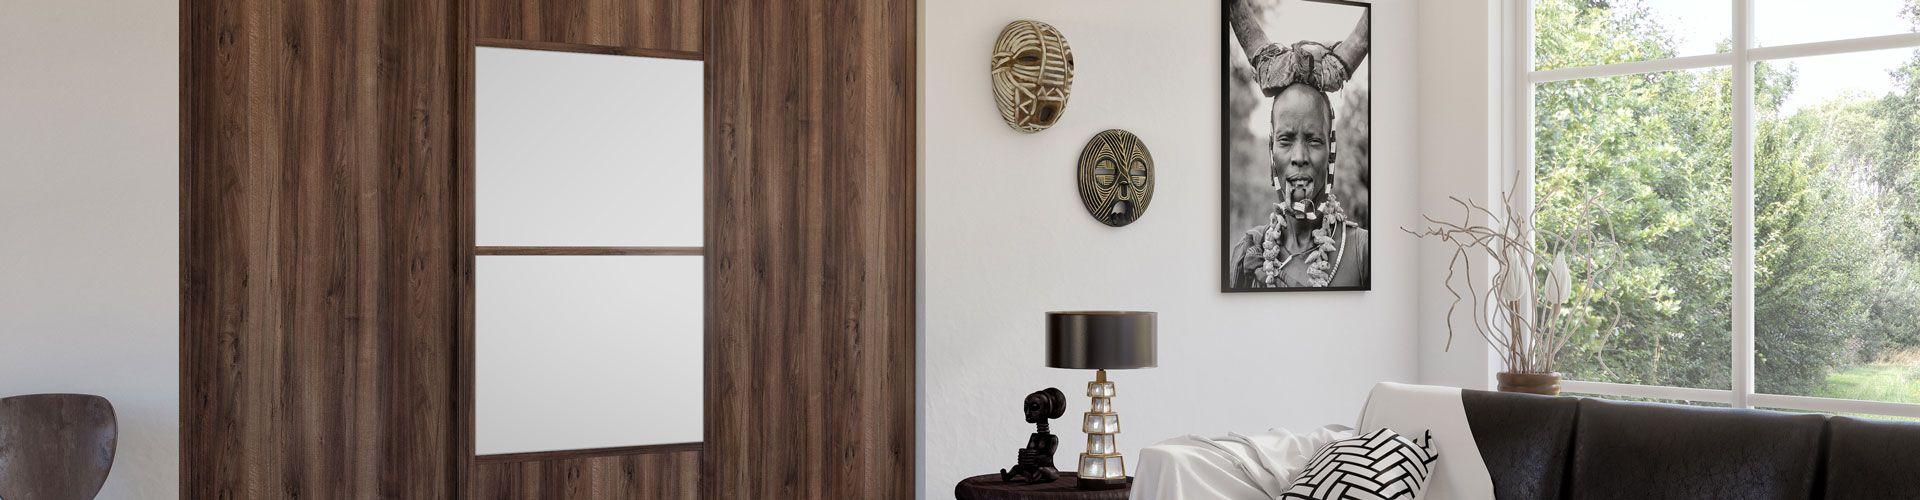 portes de placard coulissantes d co ethnique kazed. Black Bedroom Furniture Sets. Home Design Ideas